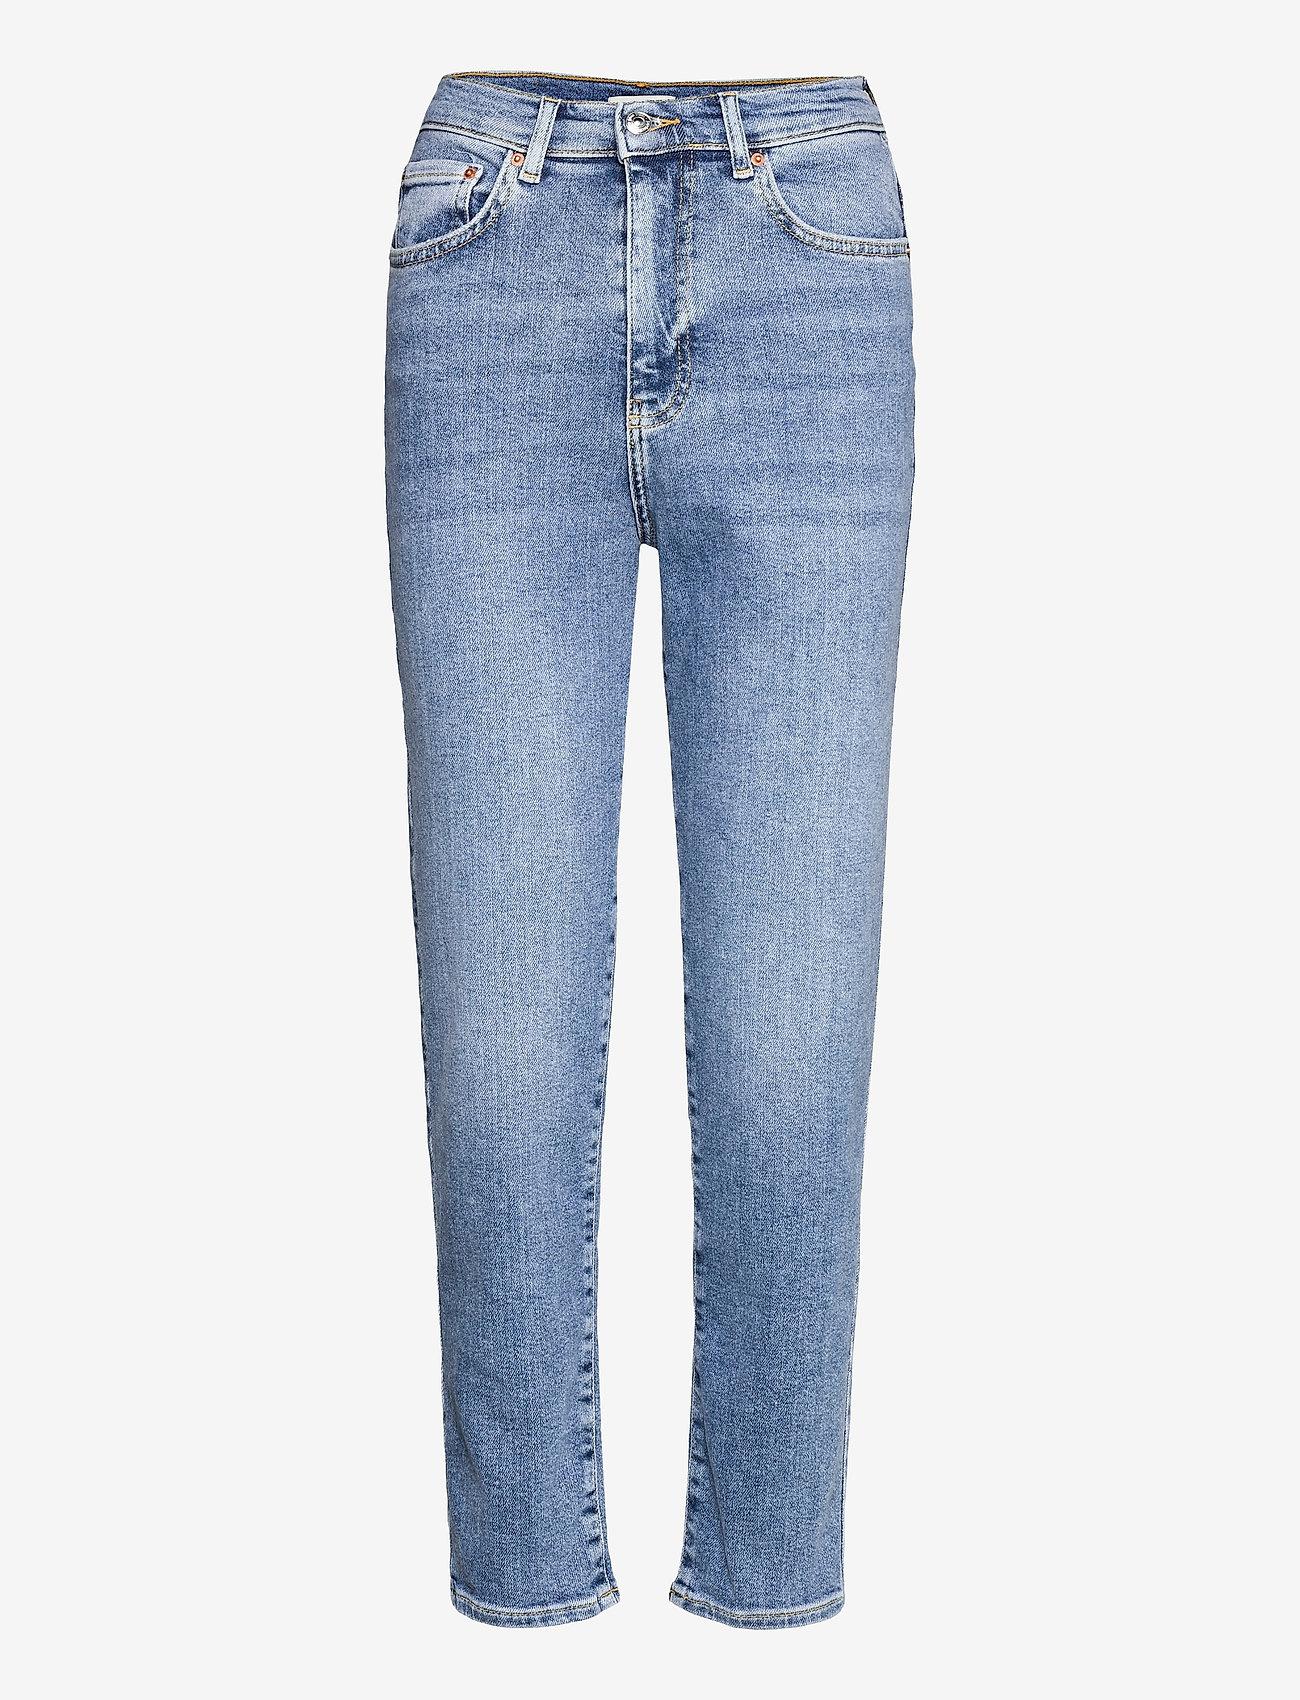 Gina Tricot - Comfy mom jeans - mom-jeans - indigo blue (5037) - 0